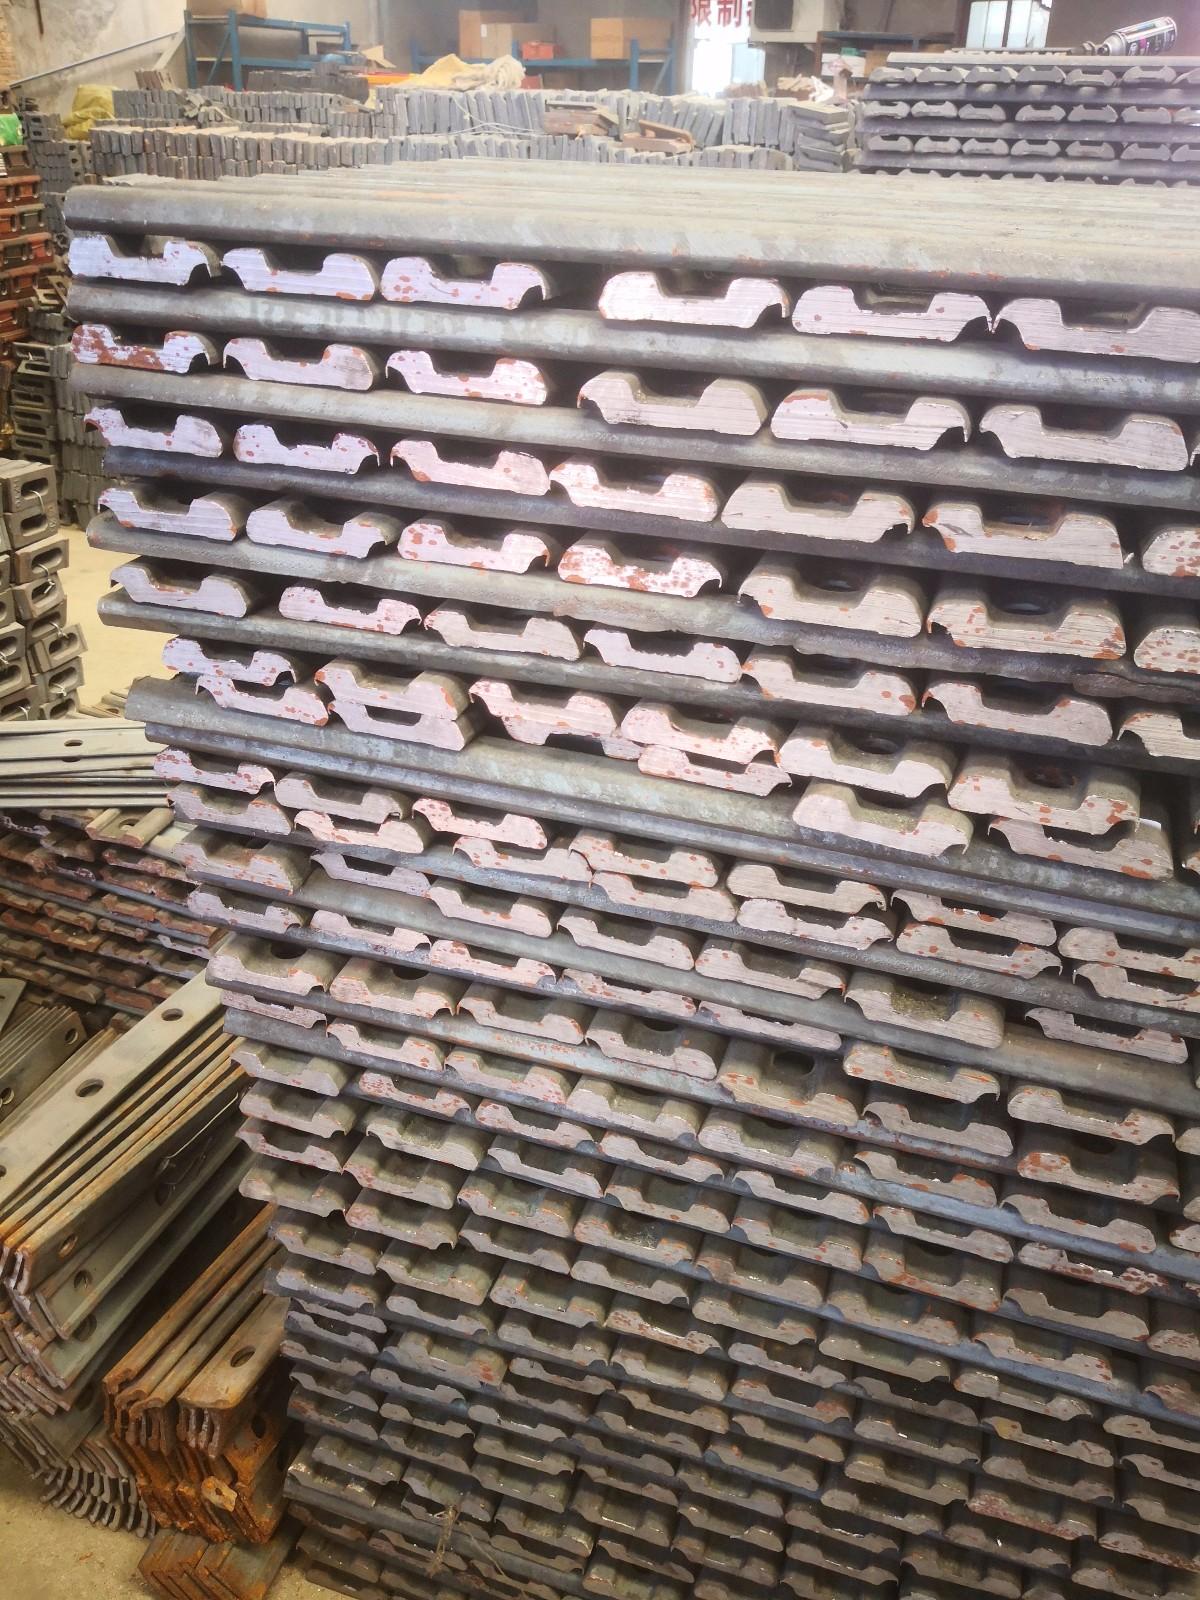 宏鑫工矿压轨器,夹板压板,总批发宏鑫工矿